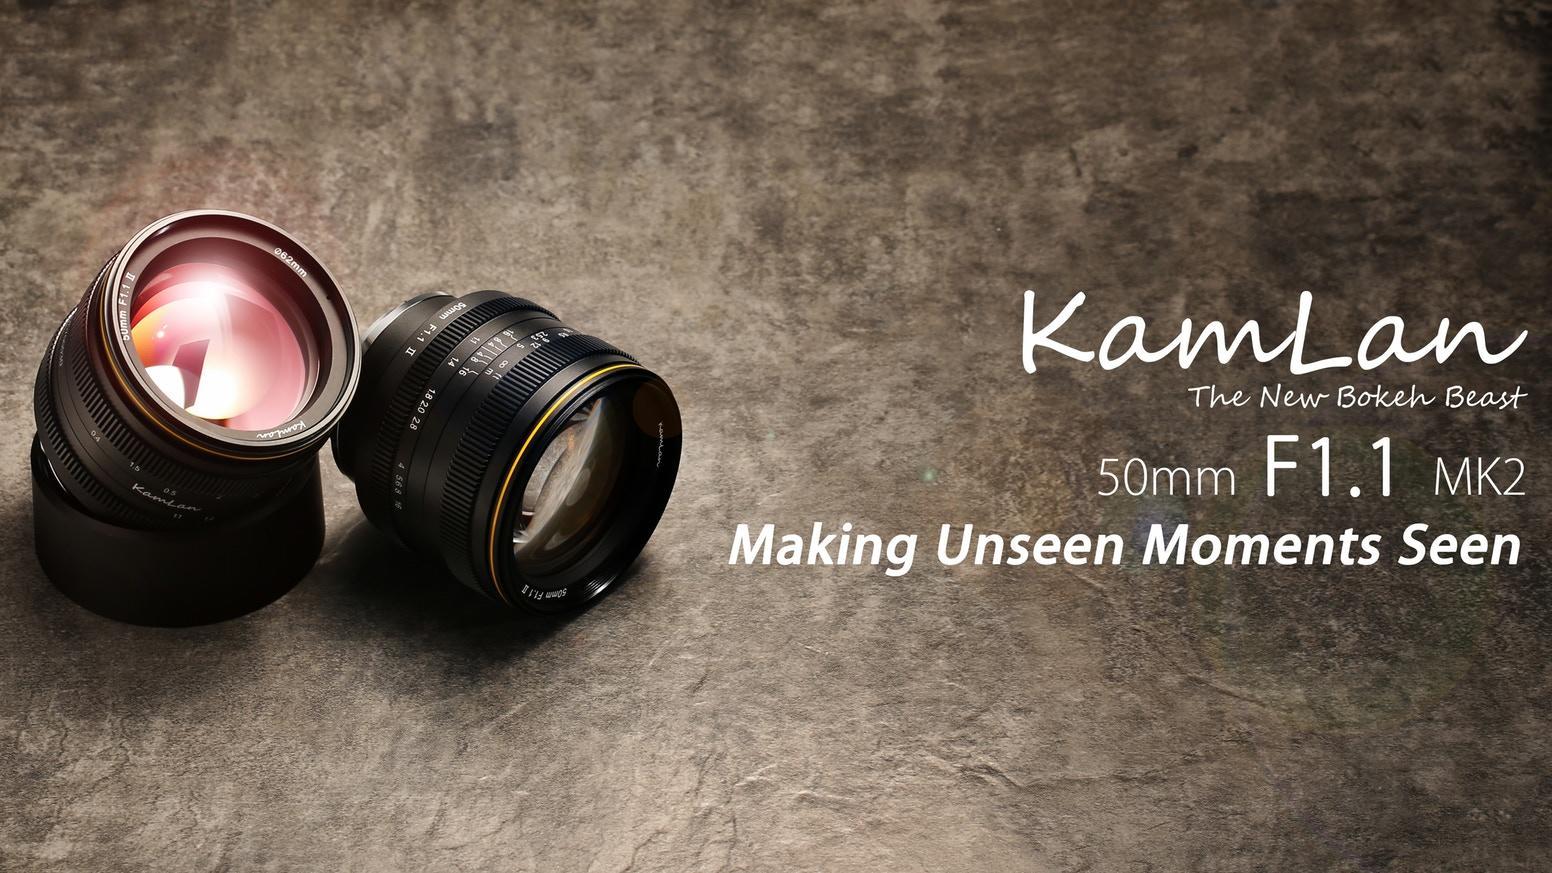 http://thedigitalstory.com/2019/07/09/kickstarter-Lens.jpg